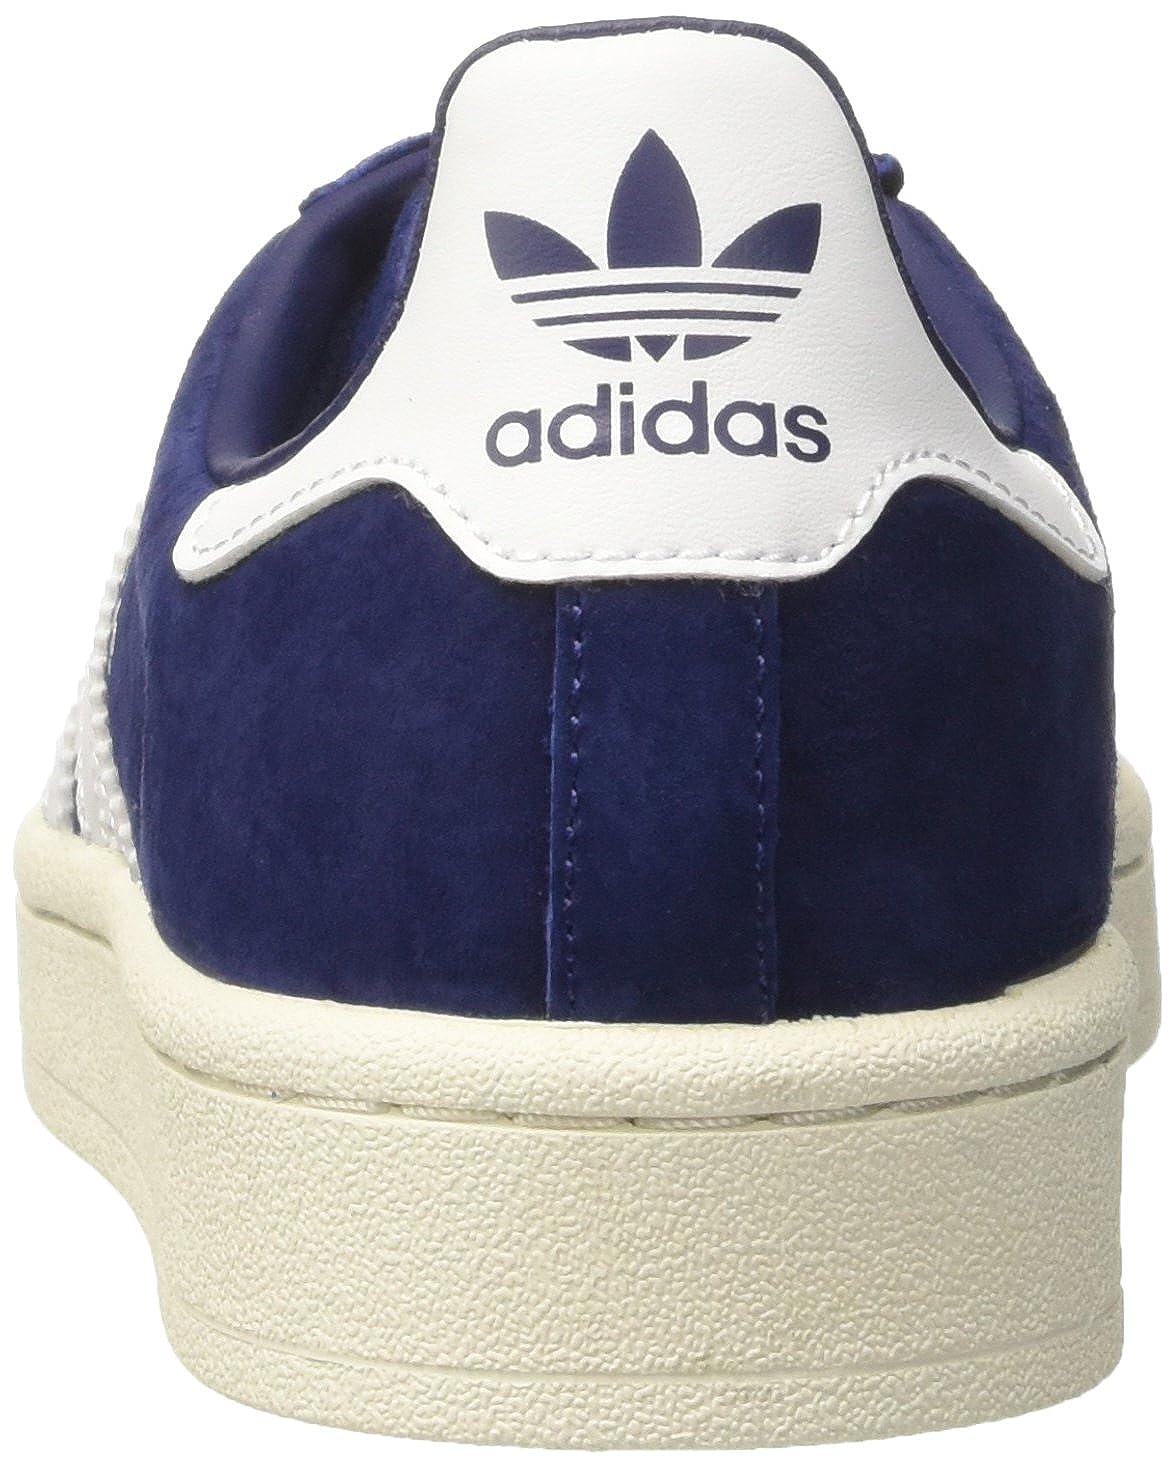 purchase cheap 5cf29 cd02b adidas Campus, Zapatillas de Deporte para Hombre Amazon.es Zapatos y  complementos